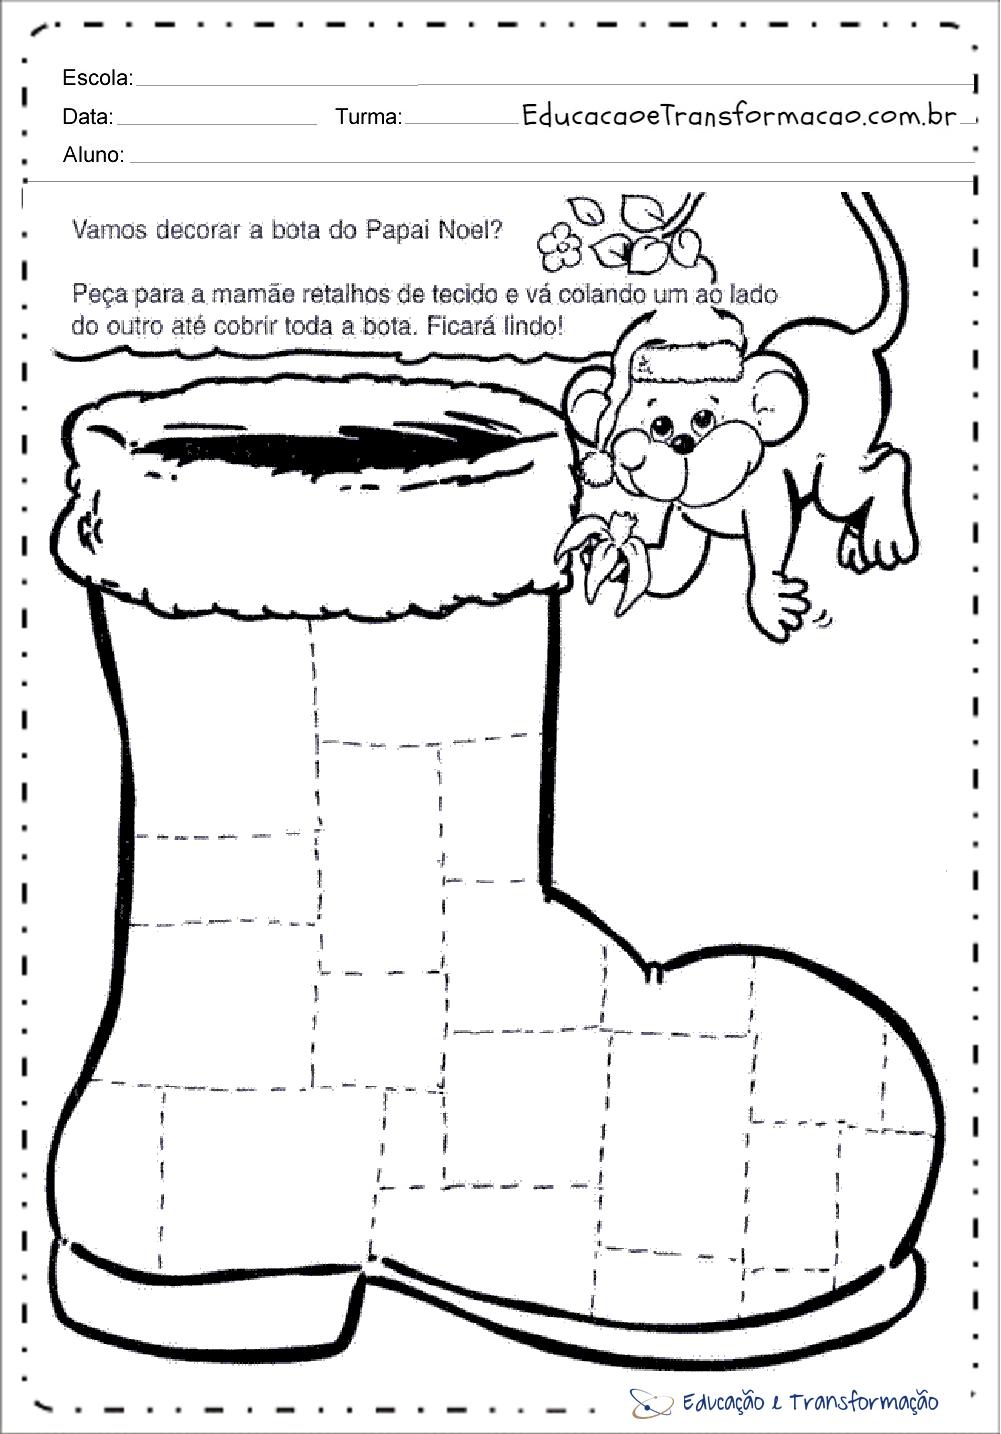 Decorar Bota de Natal – Atividades de Natal para educação infantil.